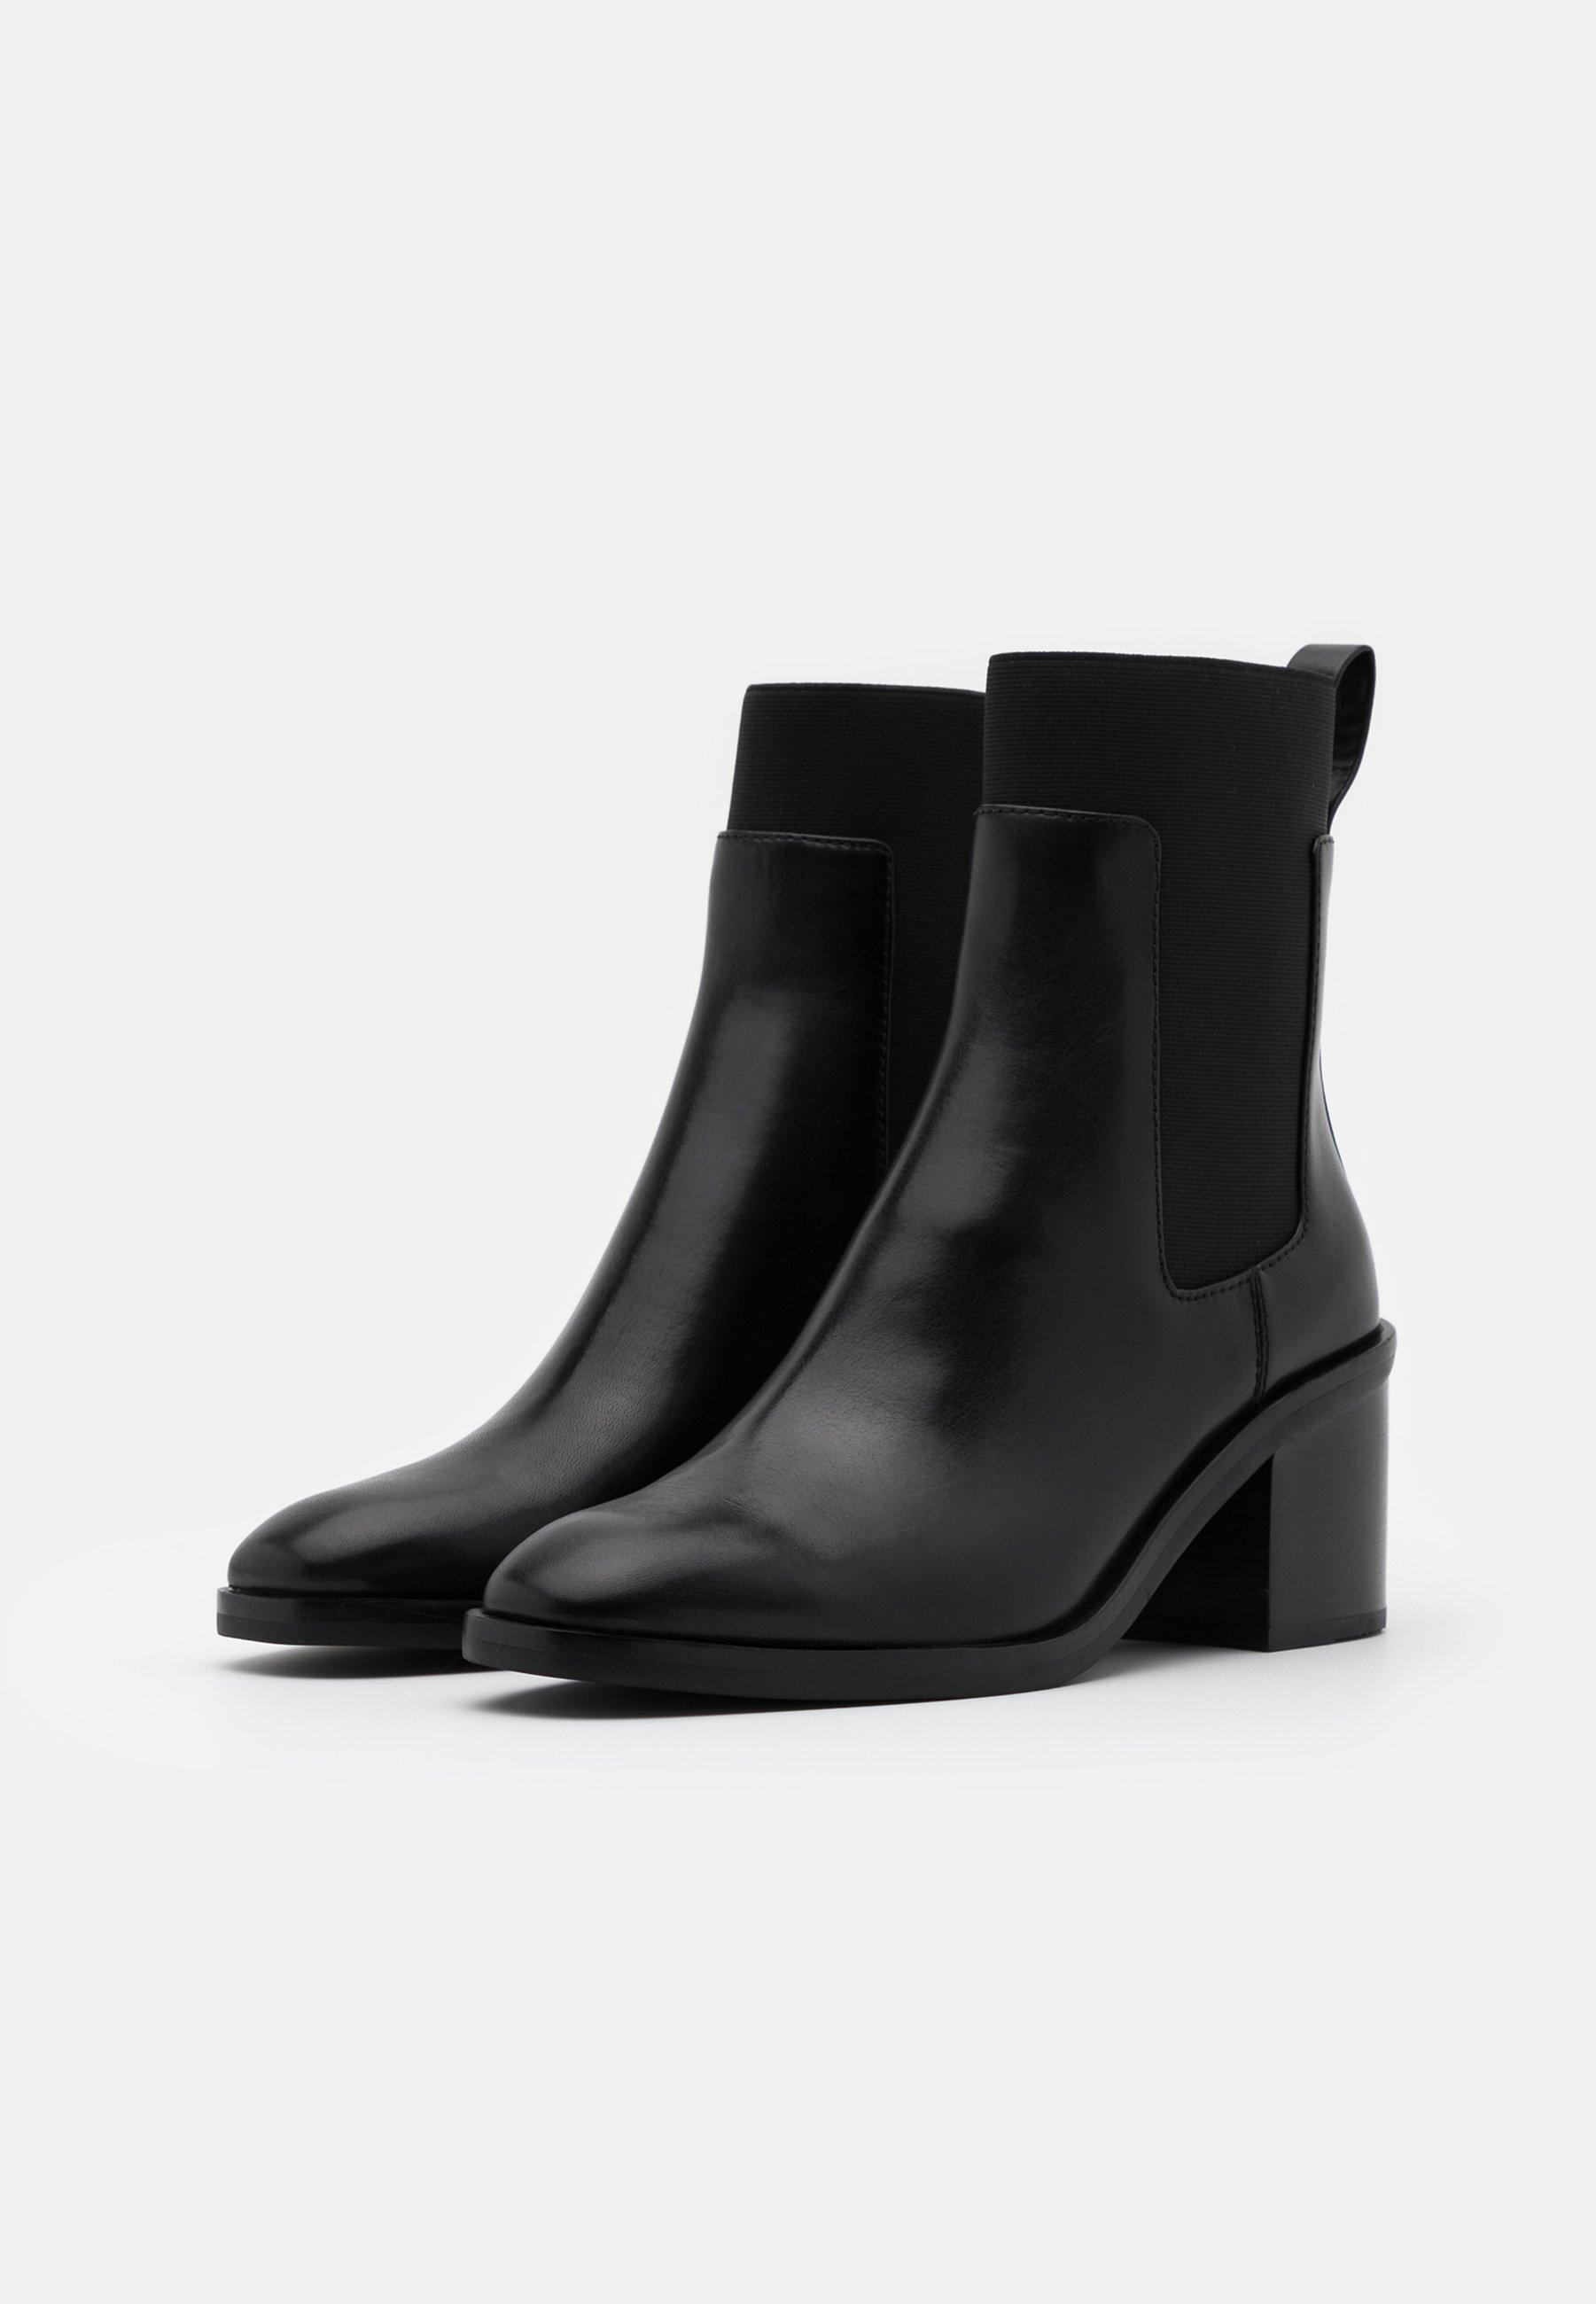 3.1 Phillip Lim Alexa Chelsea Boot - Støvletter Black